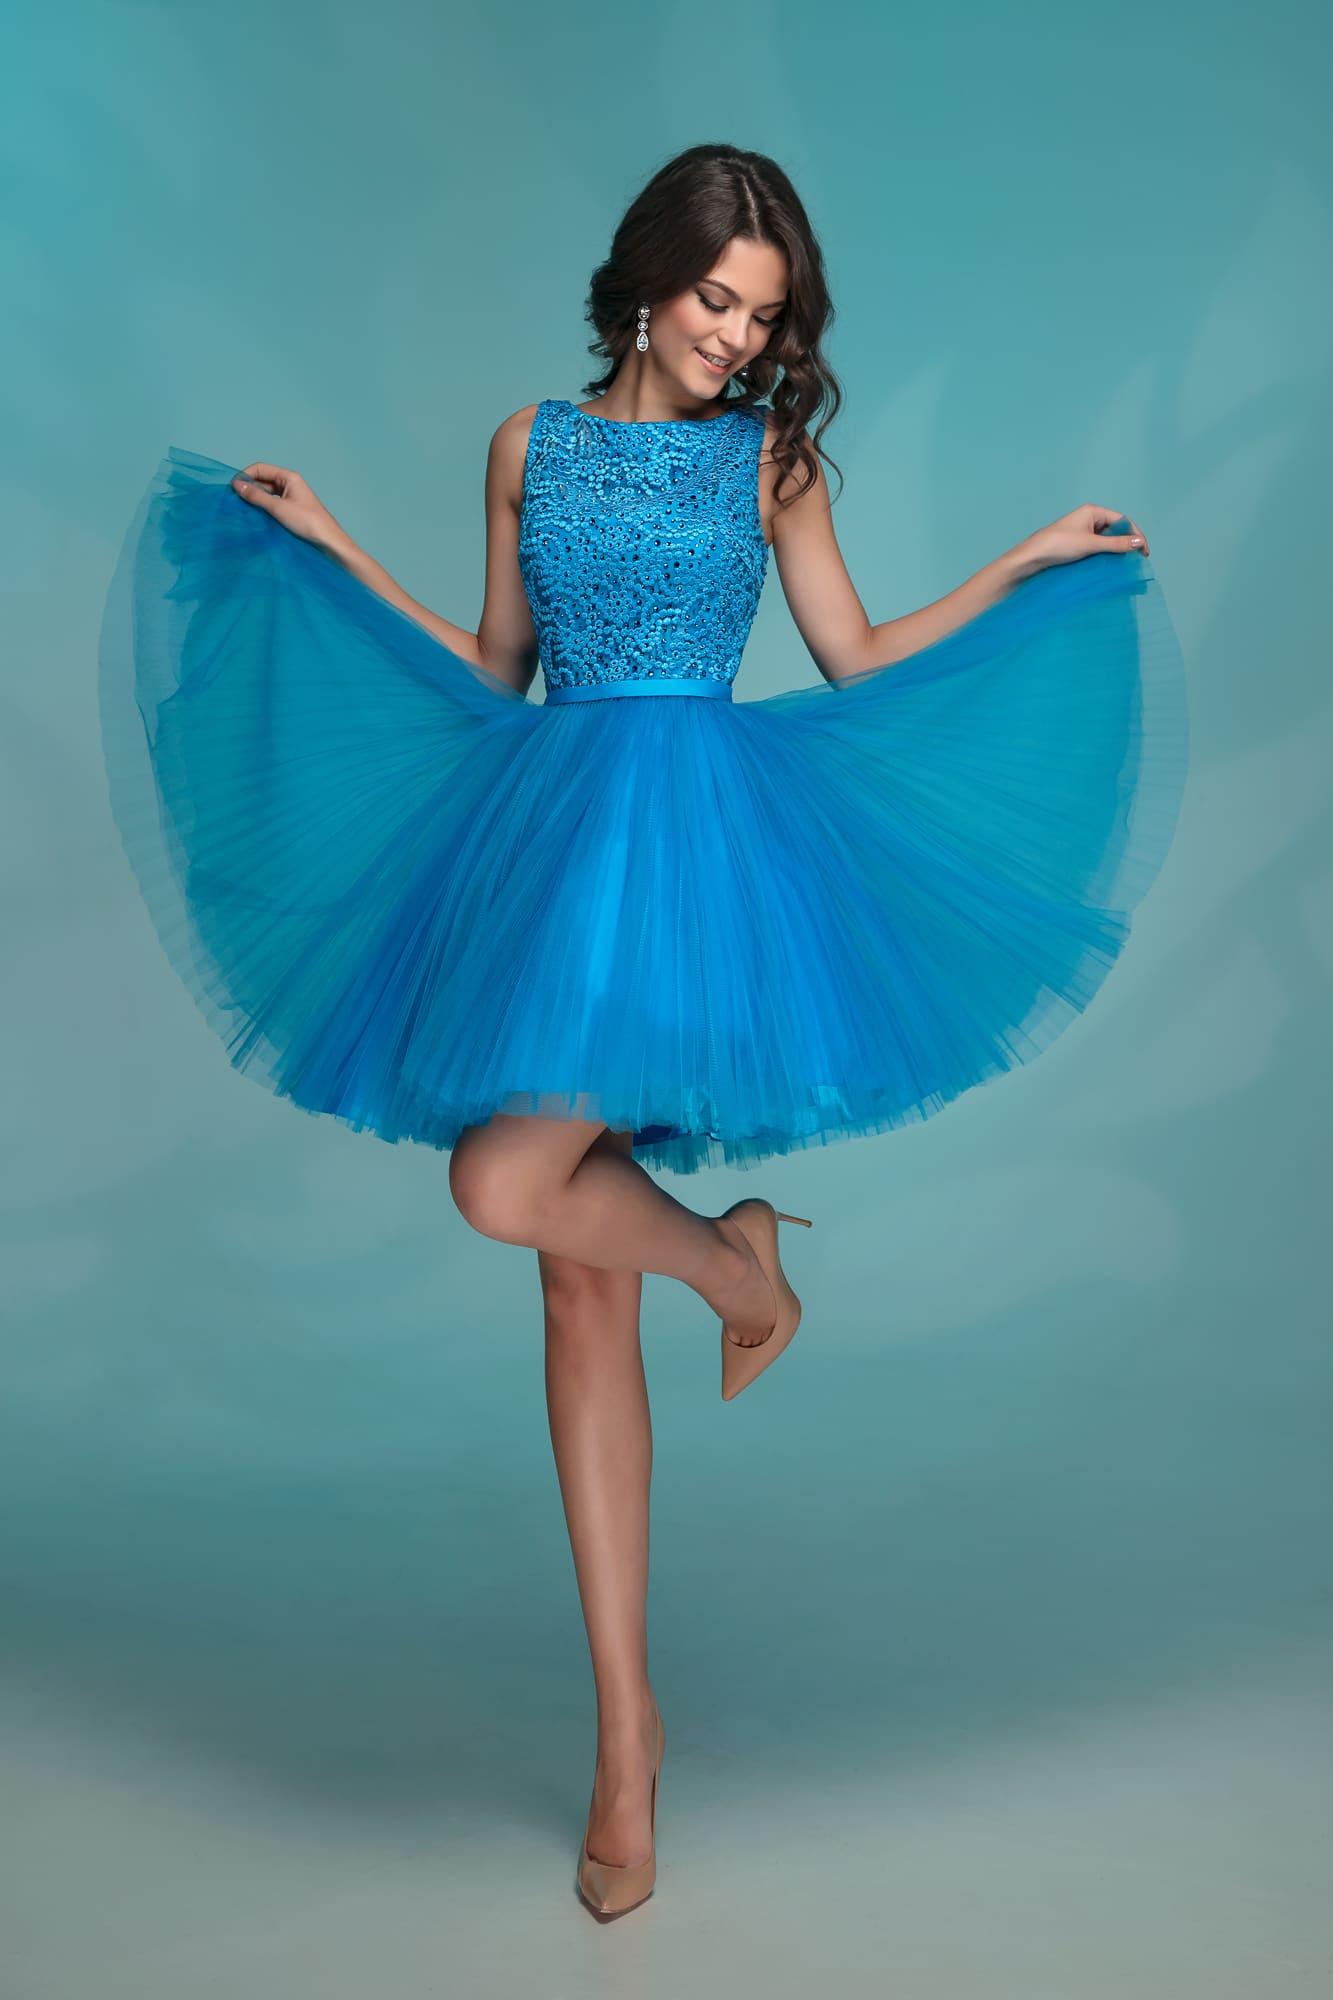 3ce39edb897 Голубое выпускное платье Nora Naviano 72765 teal ▷ Свадебный ...